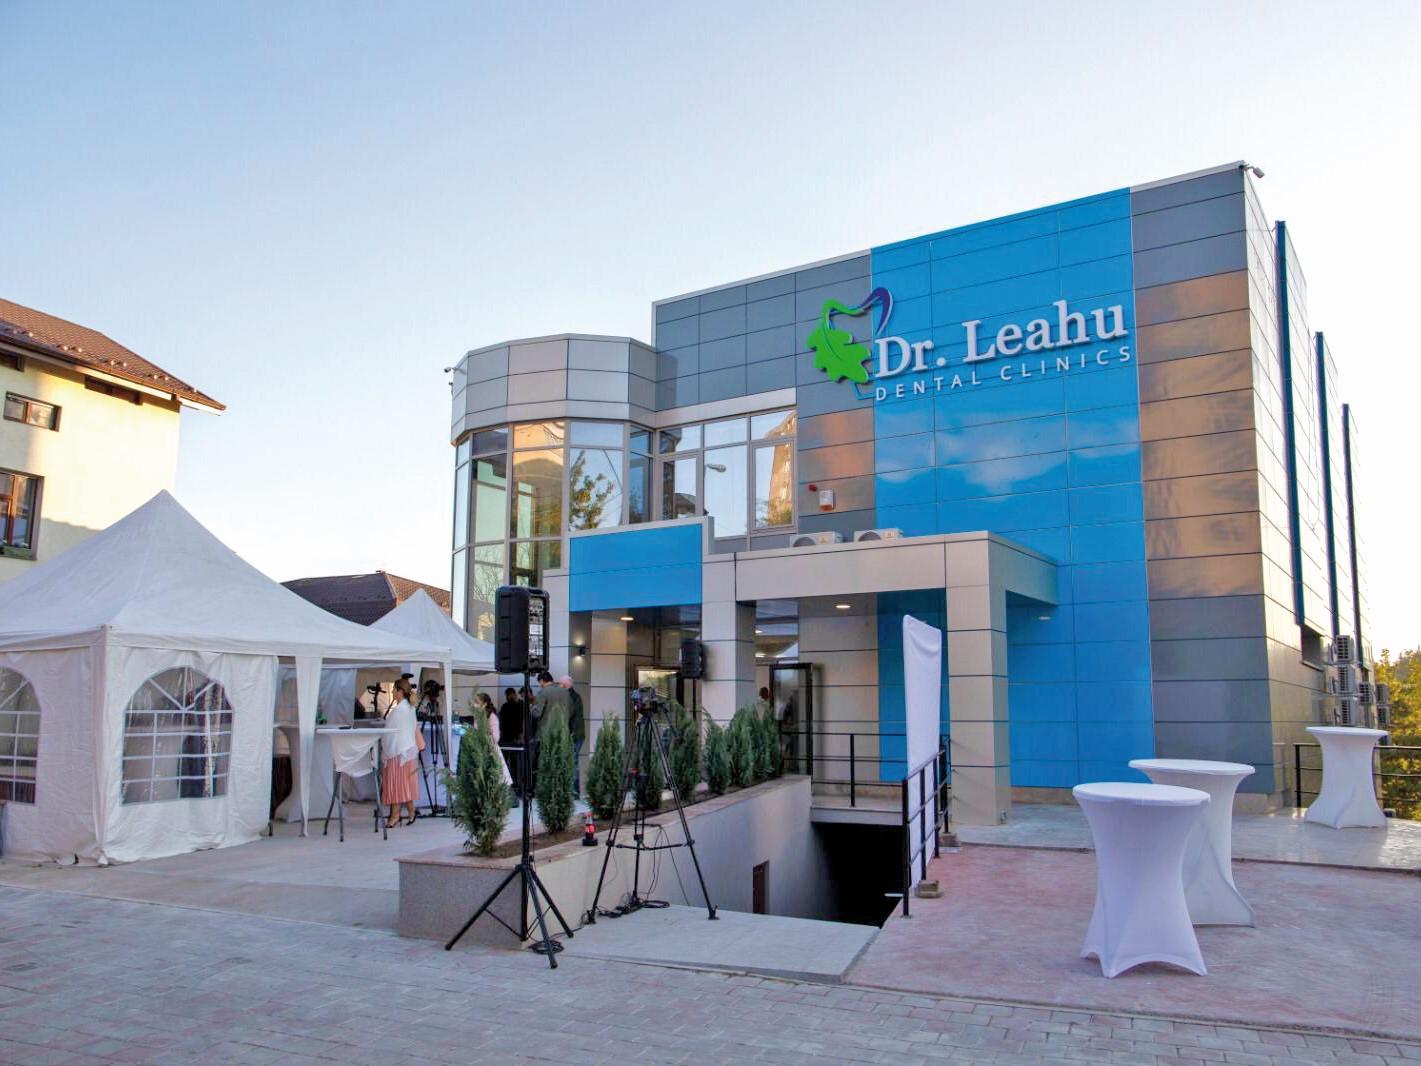 Extindere în vremea pandemiei. Reţeaua de clinici Dr. Leahu a deschis o nouă unitate în sistem de franciză la Iaşi, o investiţie de 750.000 euro. Clinicile Dr. Leahu sunt prezente în şapte oraşe din ţară, dintre care trei unităţi sunt în sistem de franciză